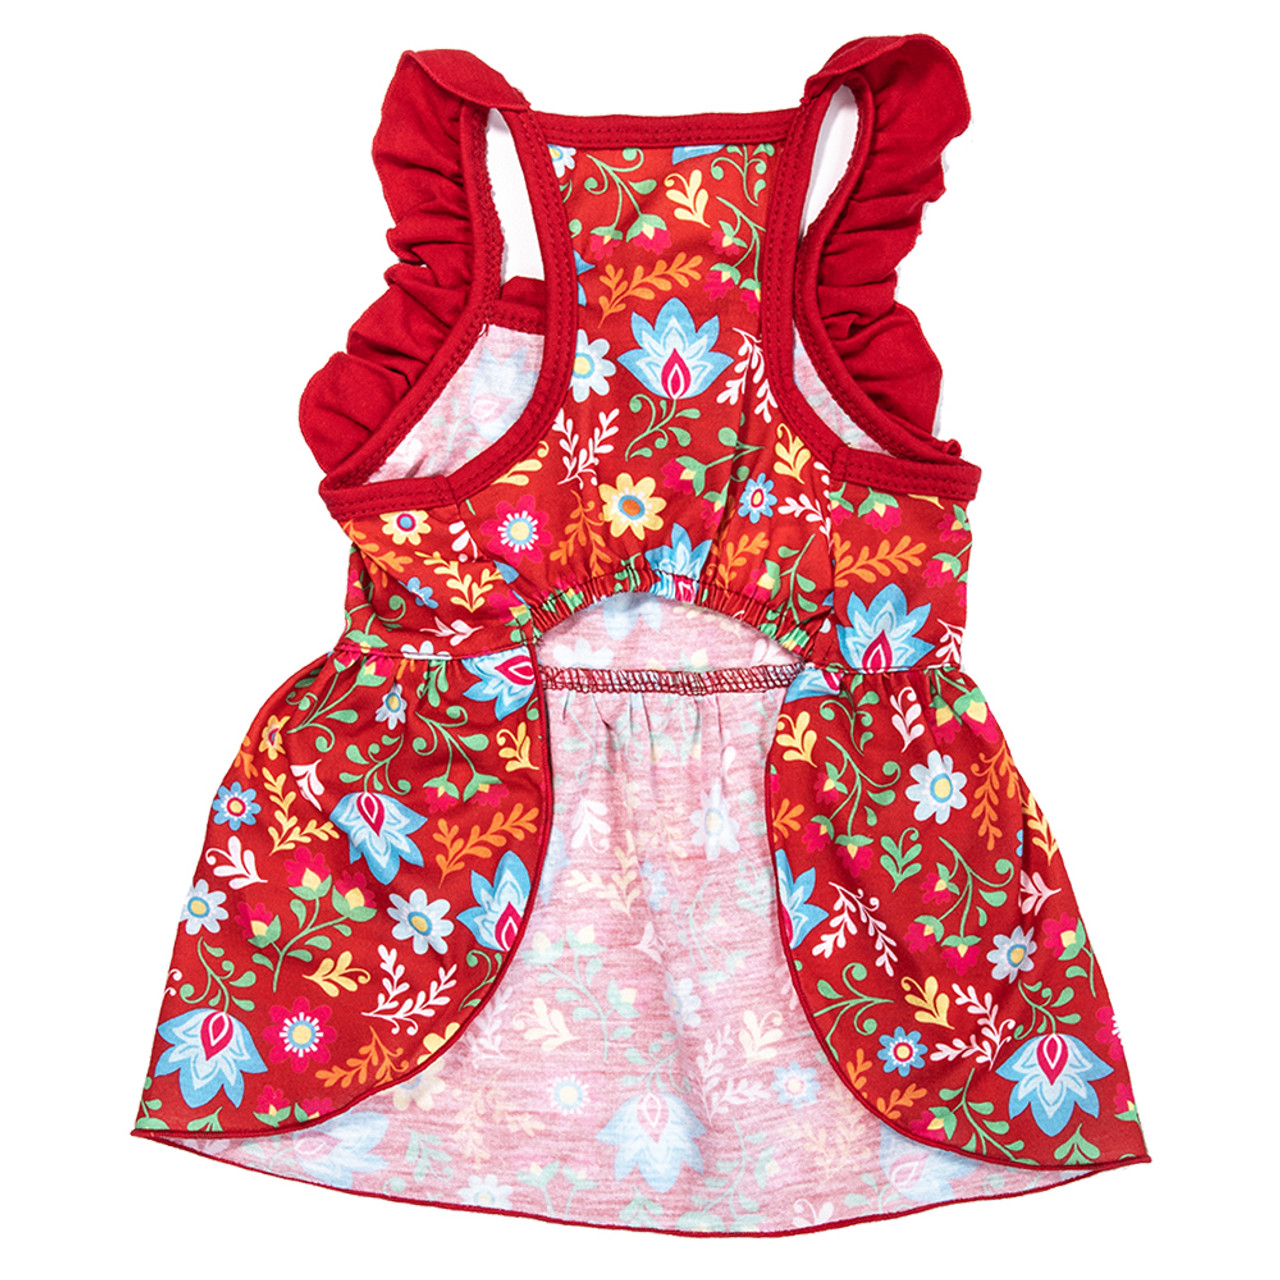 SimplyDog Floral Fiesta Ruffle Dog Dress